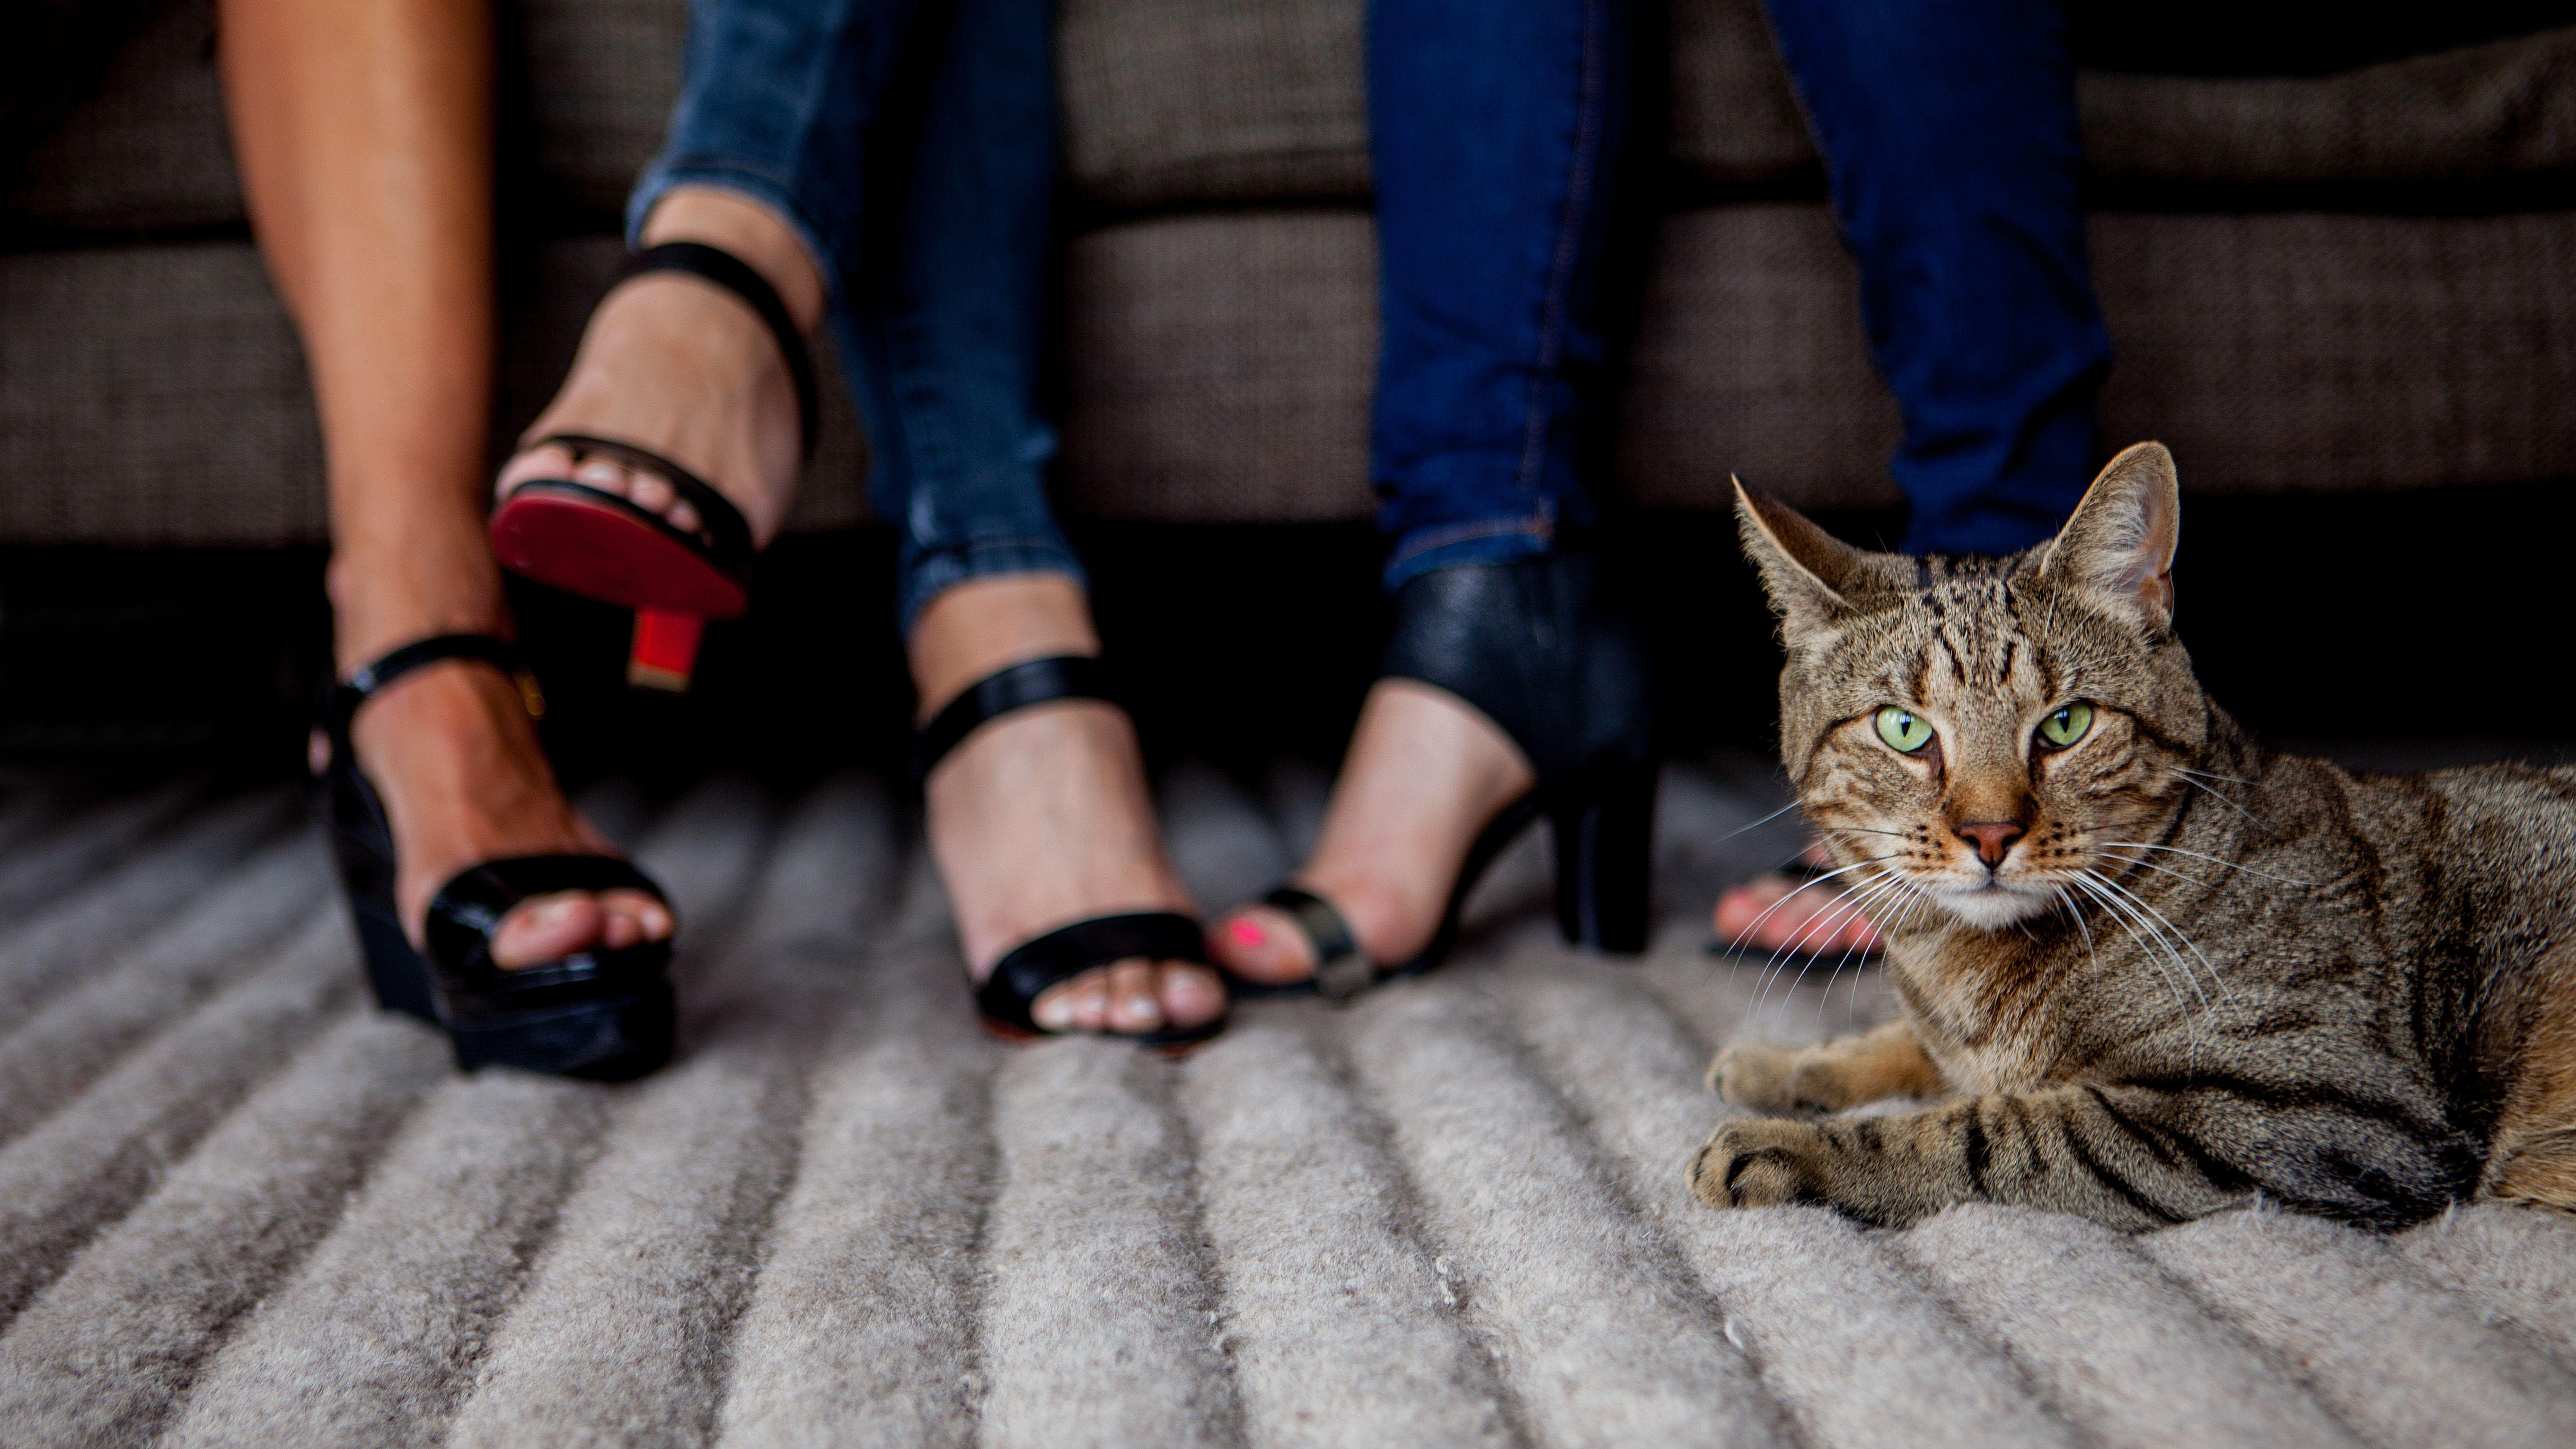 Koneko Cat Cafe Cat Cafe Cats Kitten In Japanese